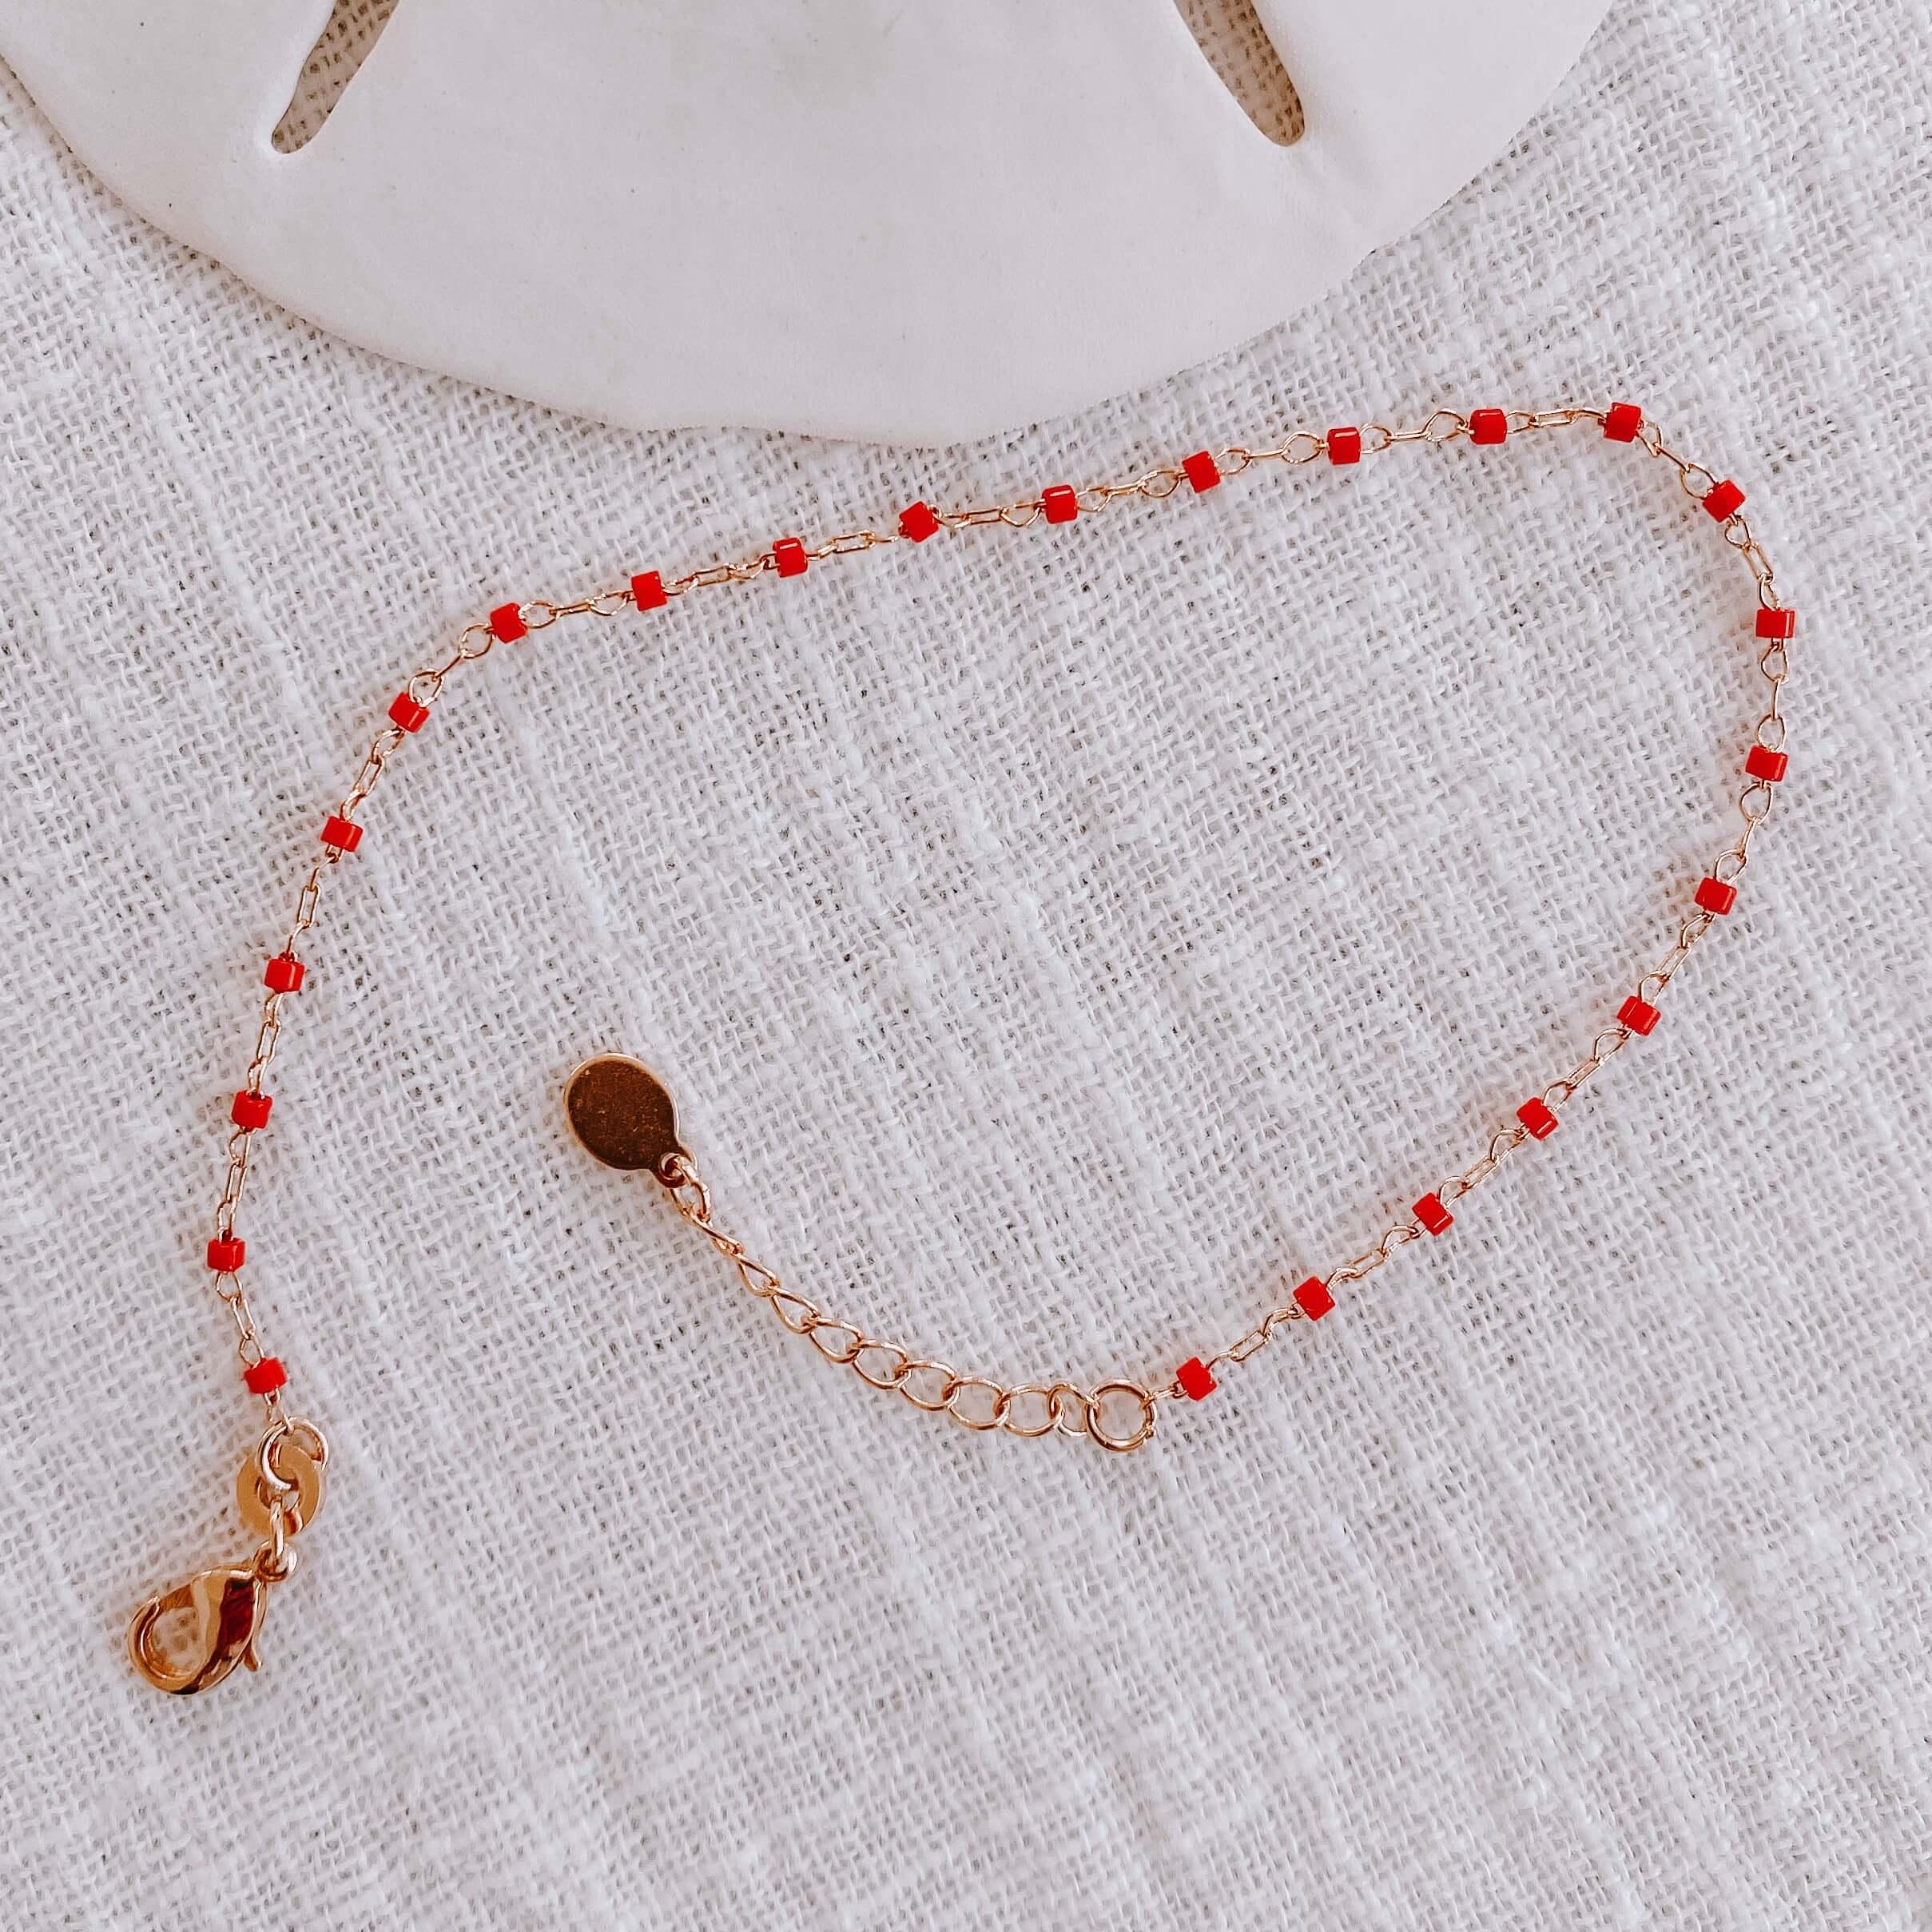 bracelet petites perles miyuki - bracelet perles rouges Cénélia - Jana